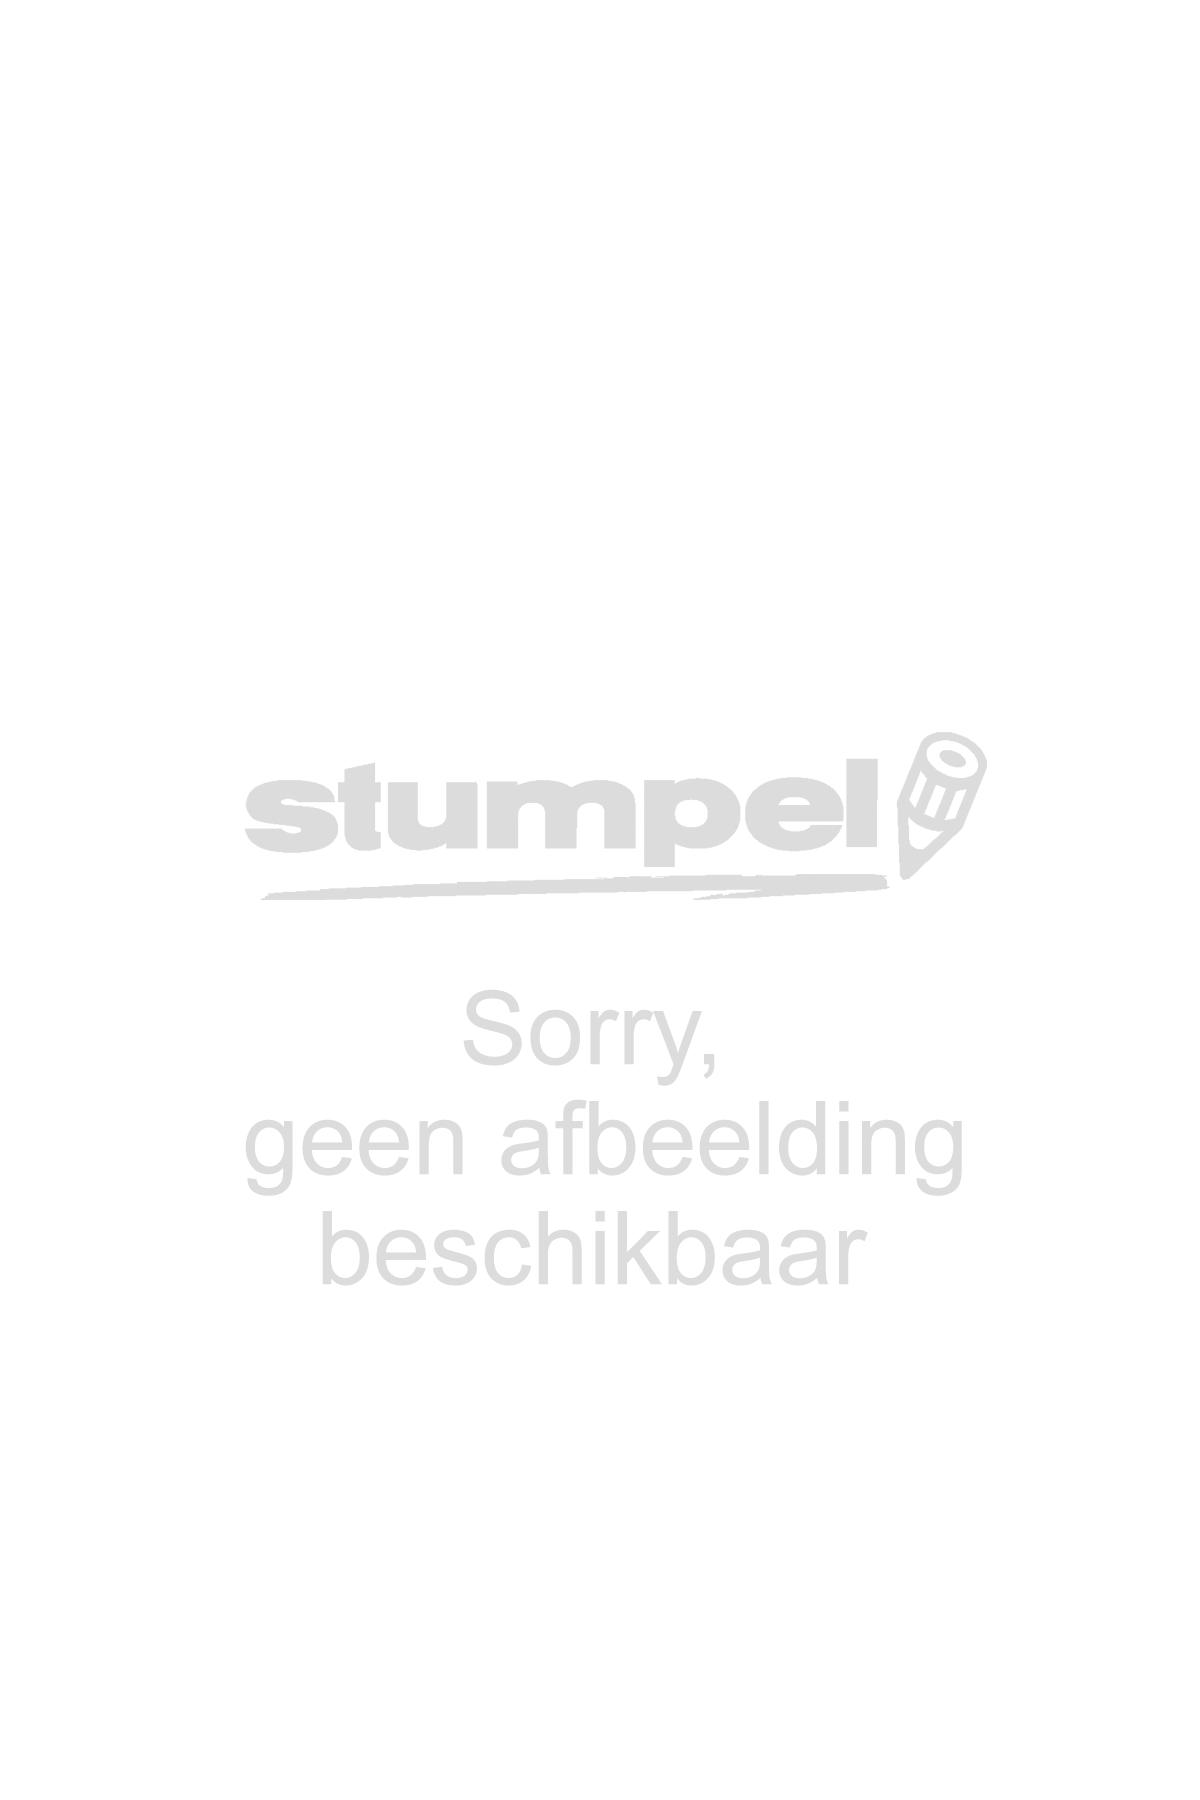 kaftfolie-boeklon-50cmx25m-zelfklevend-mat-820521